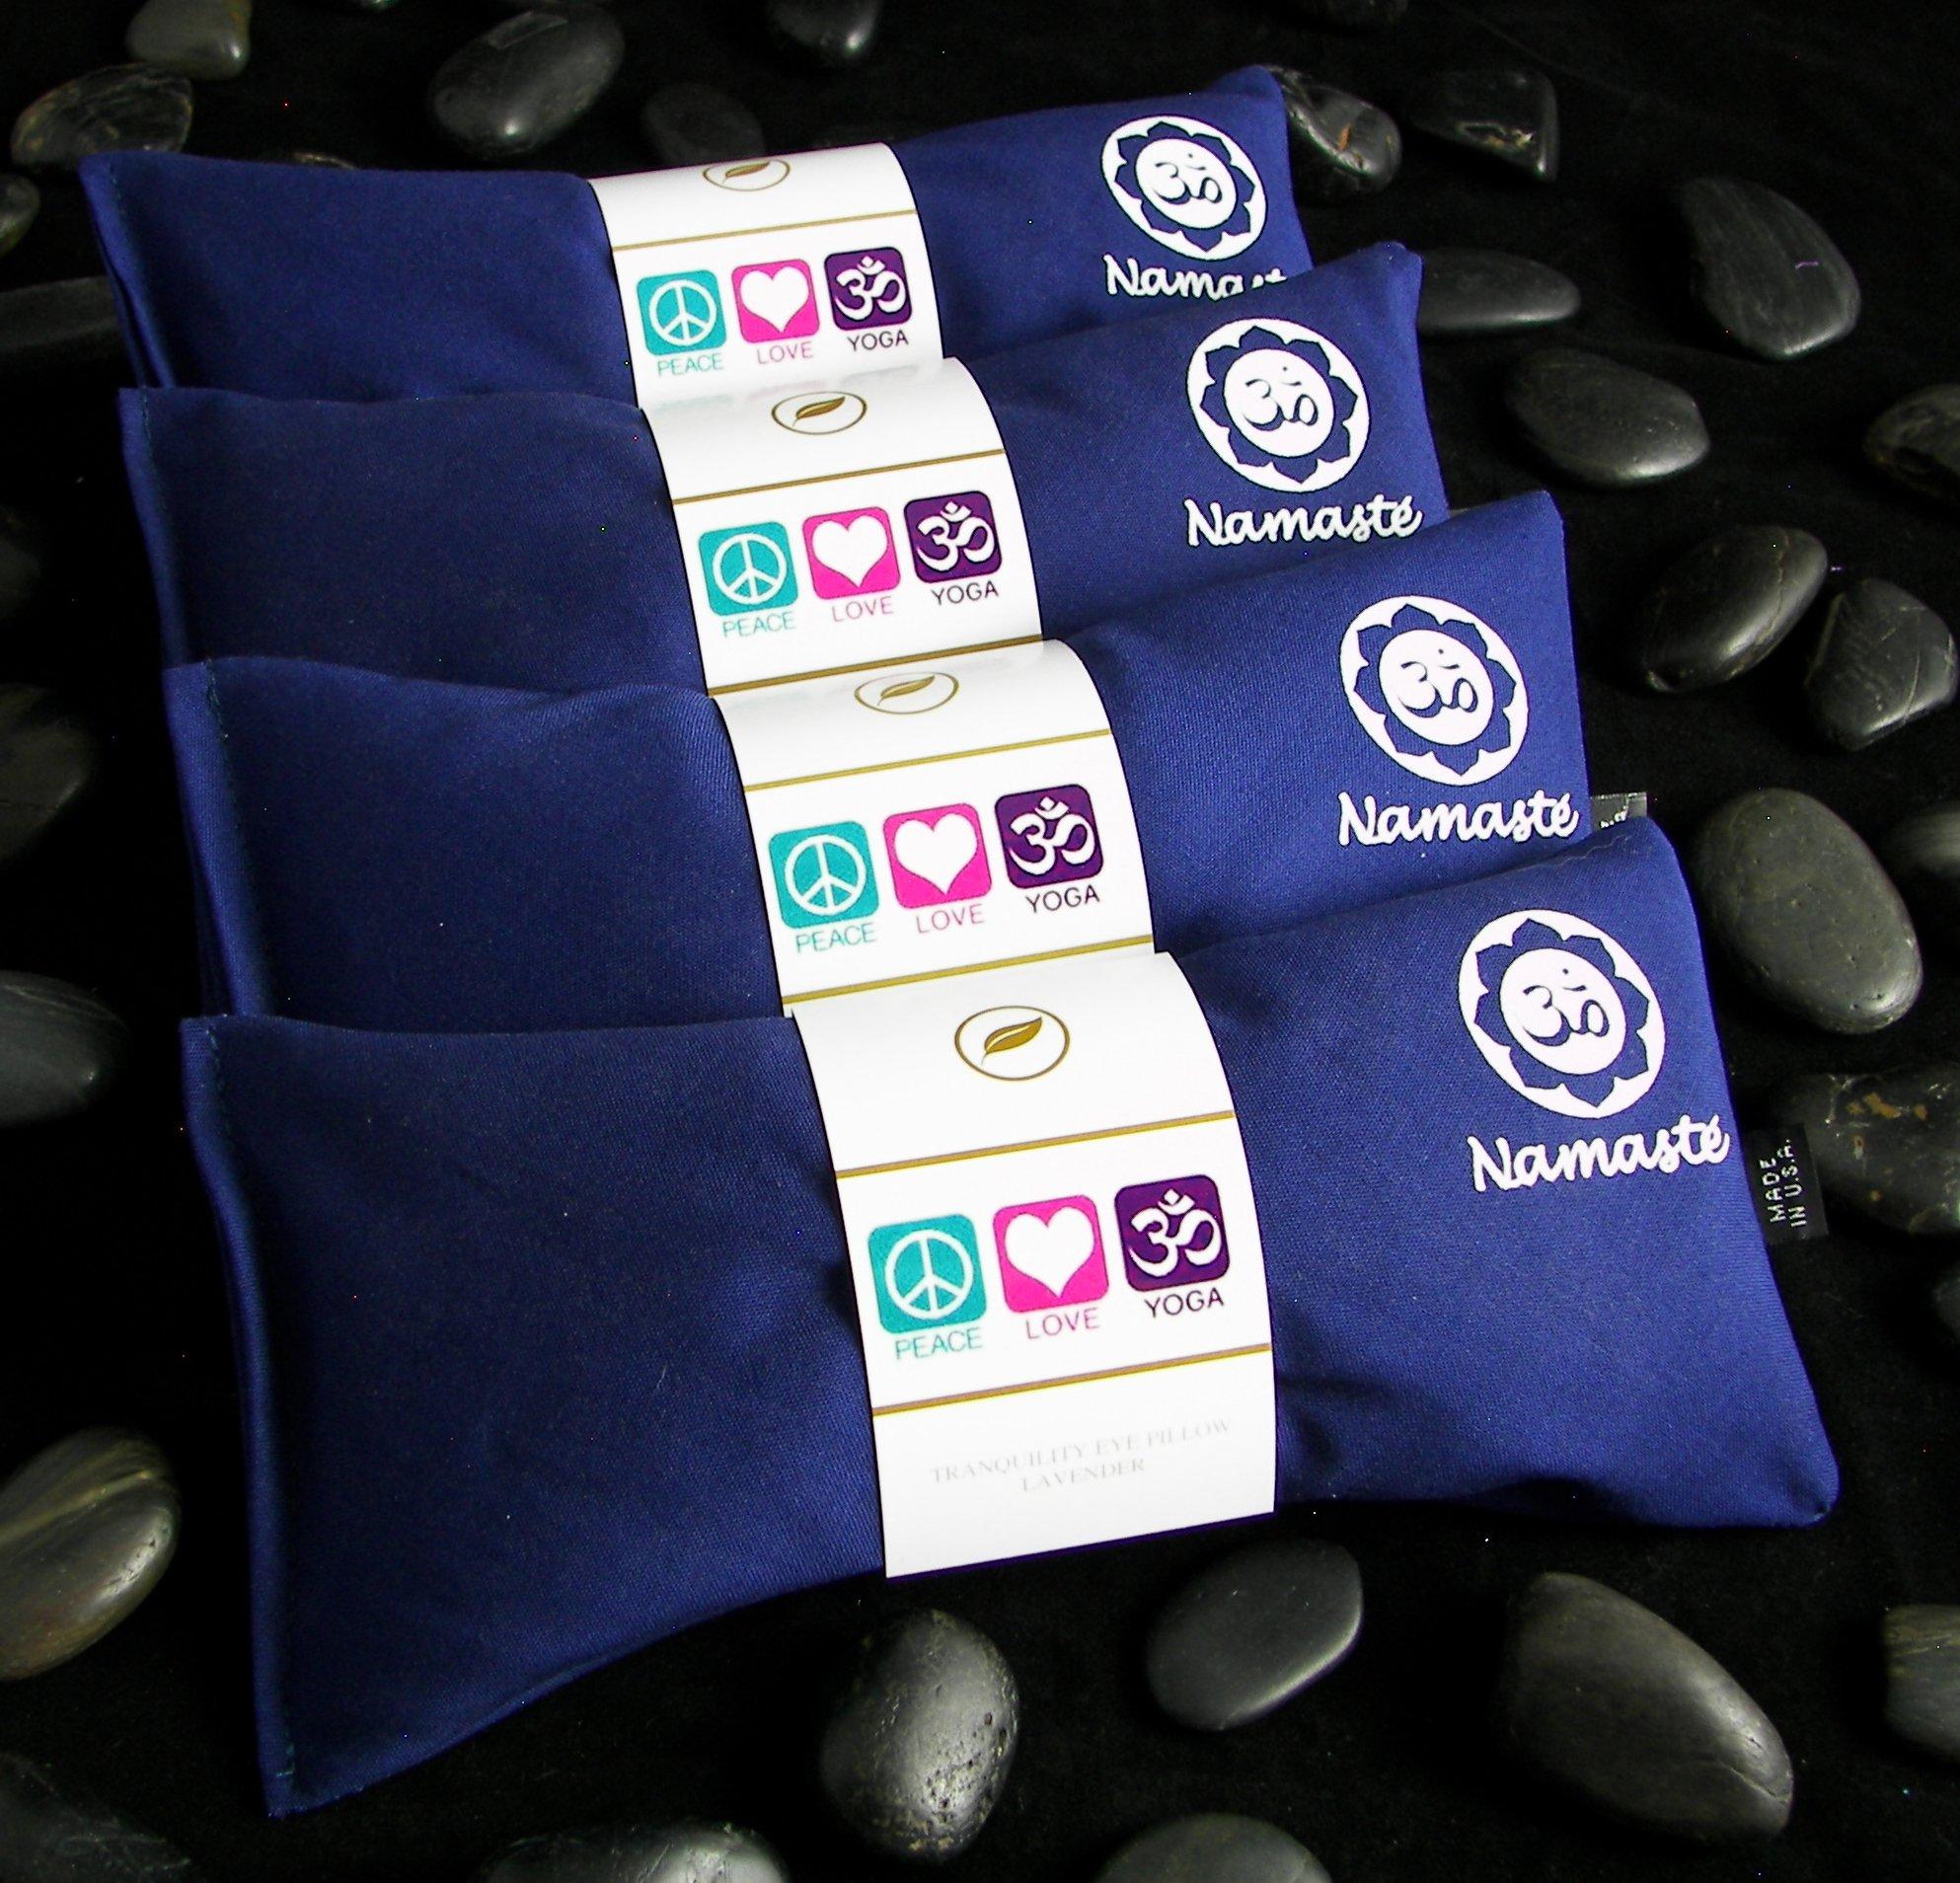 Happy Wraps Namaste Yoga Eye Pillows - Unscented Eye Pillows for Yoga - Set of 4 - Navy Cotton by Happy Wraps